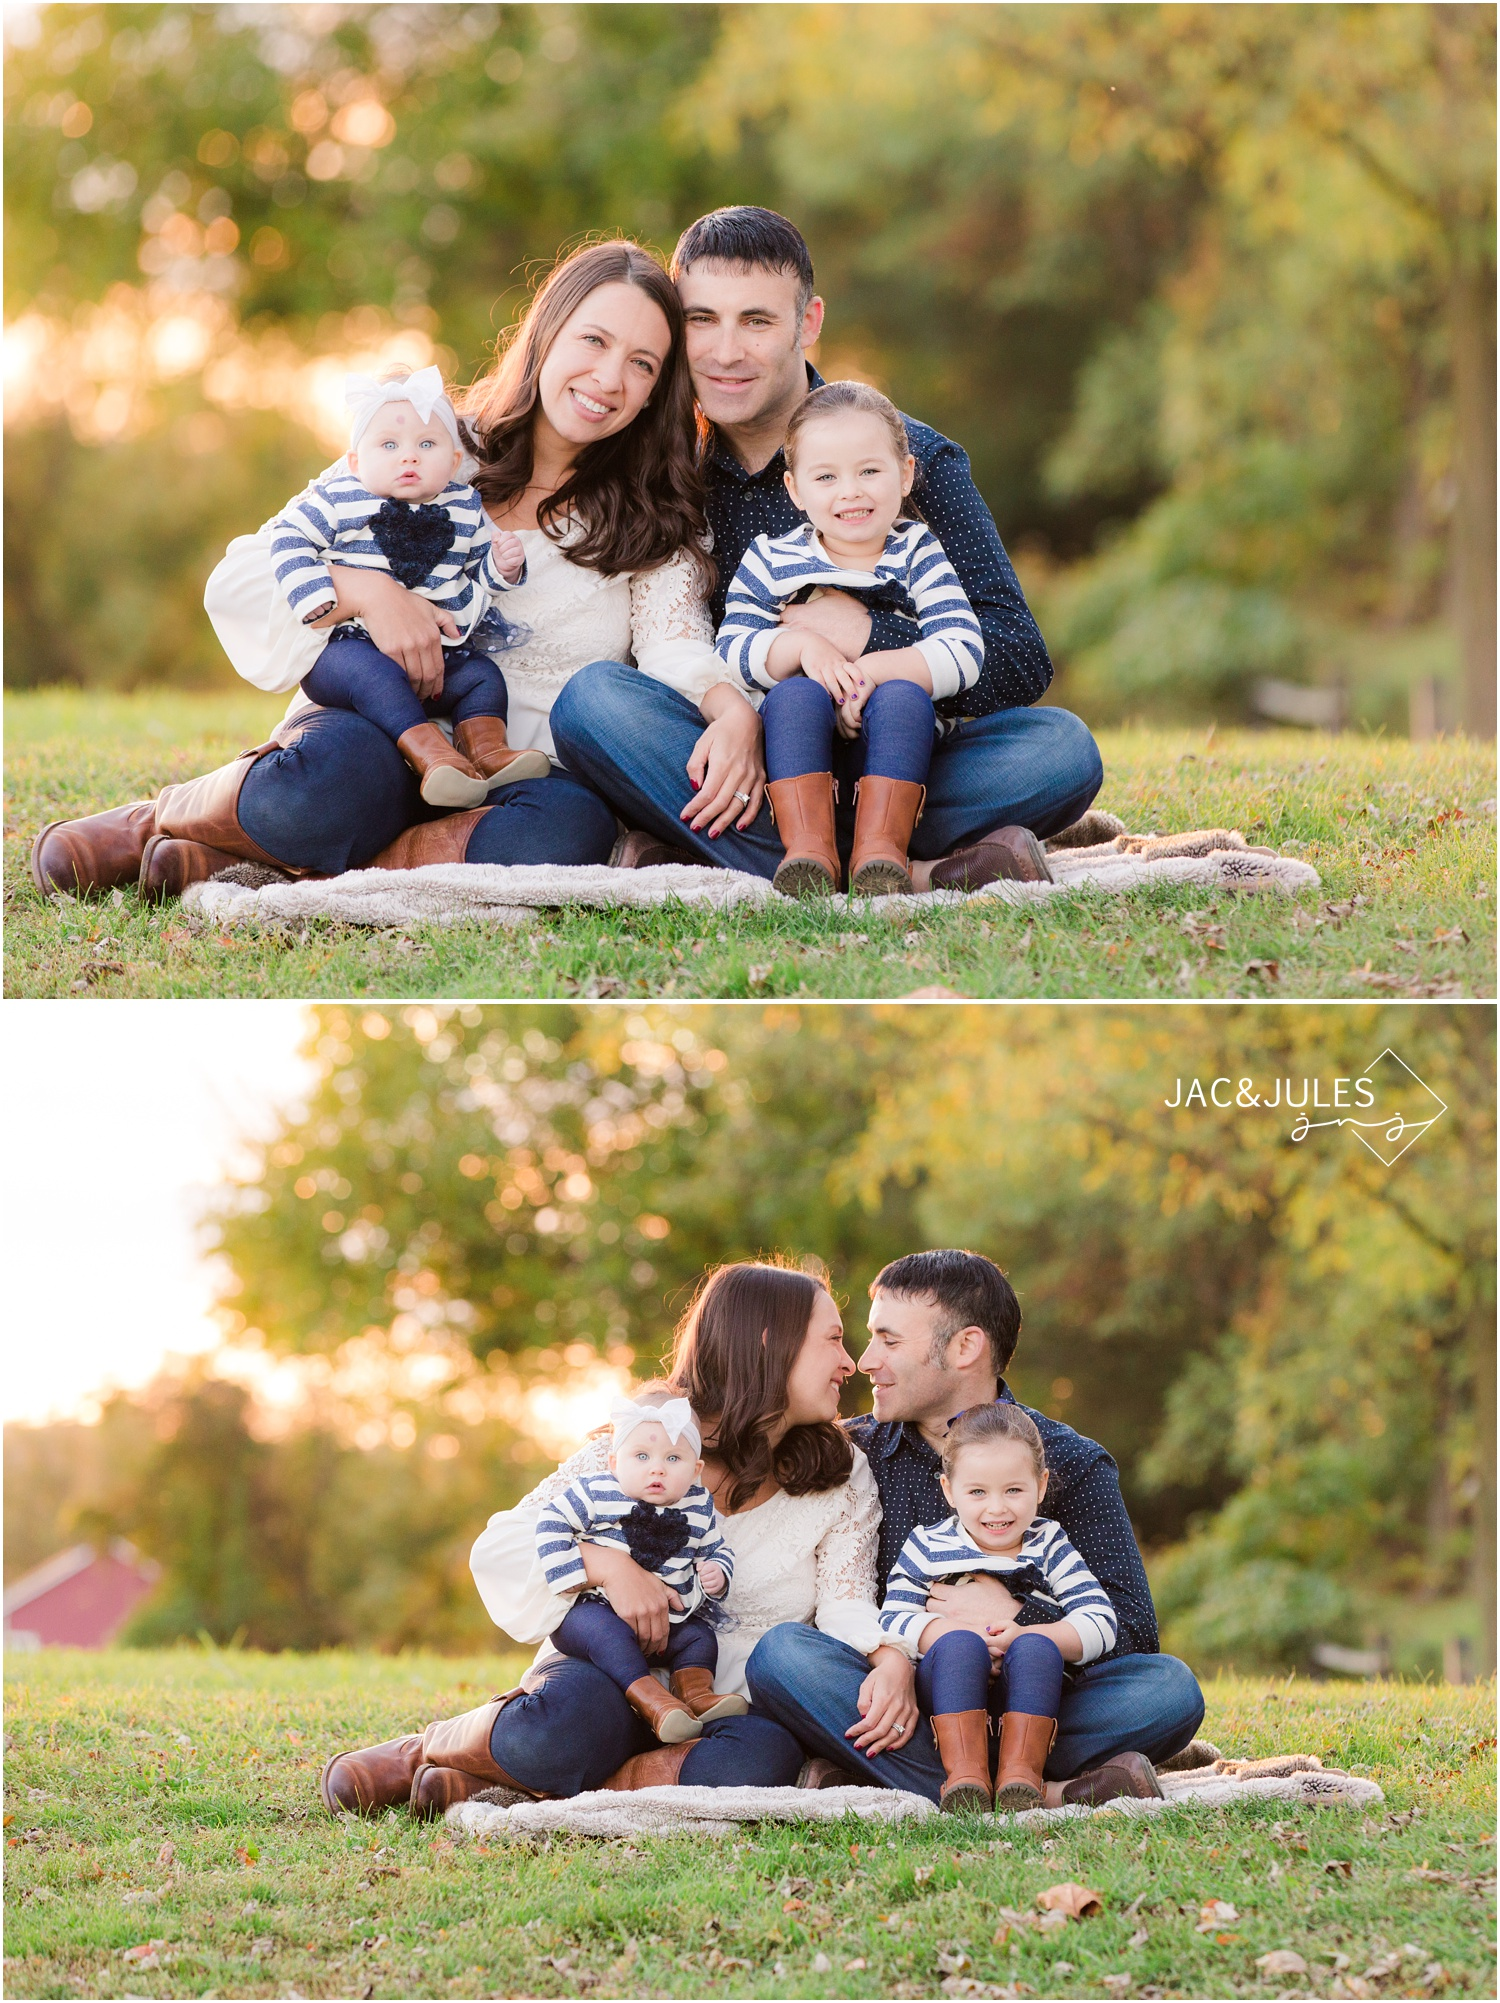 fall family photos at bayonet farm in holmdel, nj.